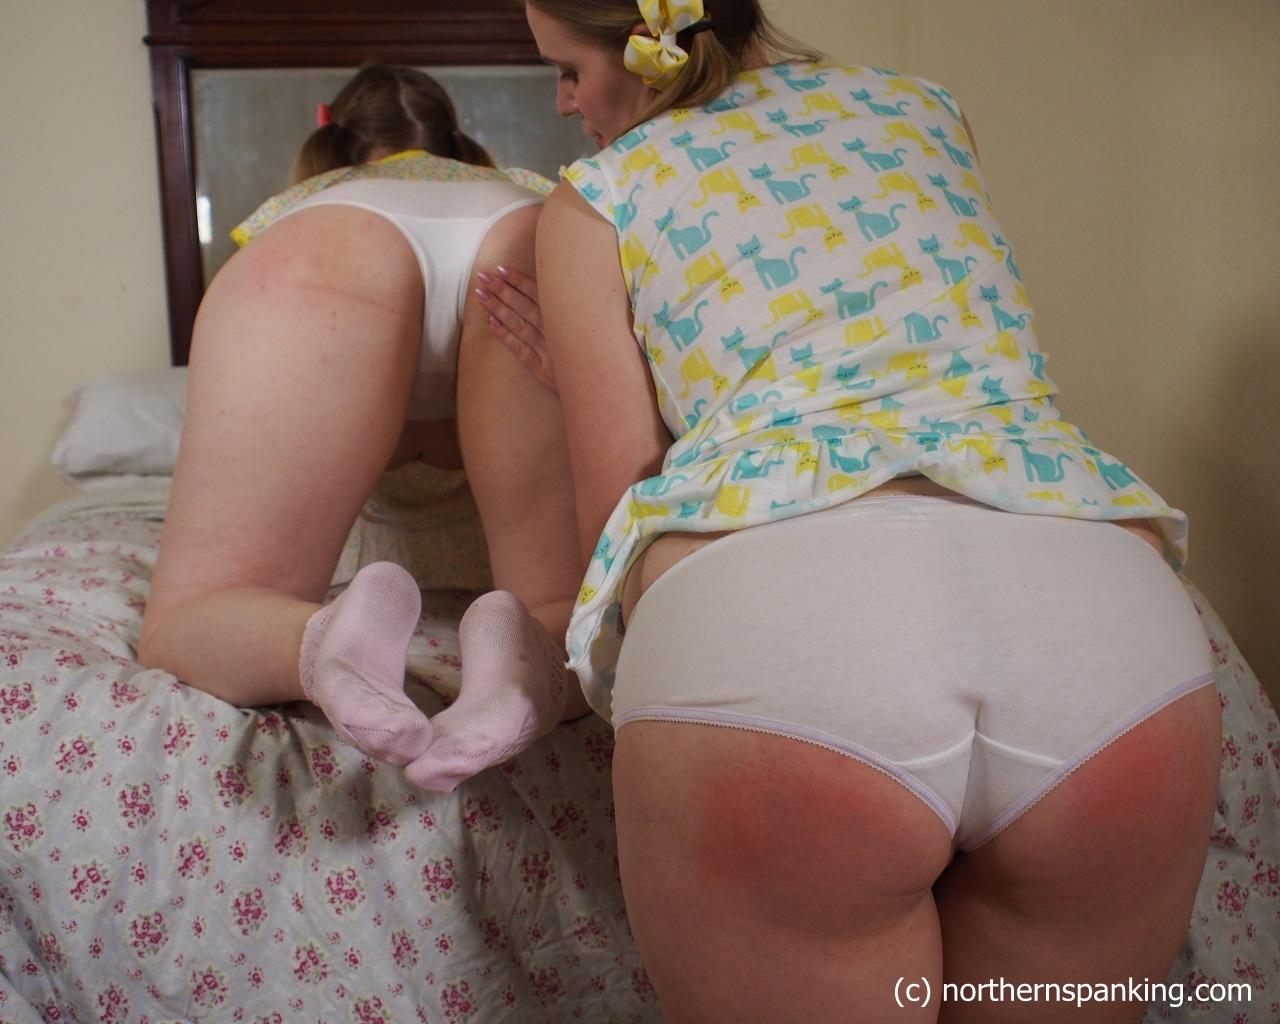 white Girls panties in paddled